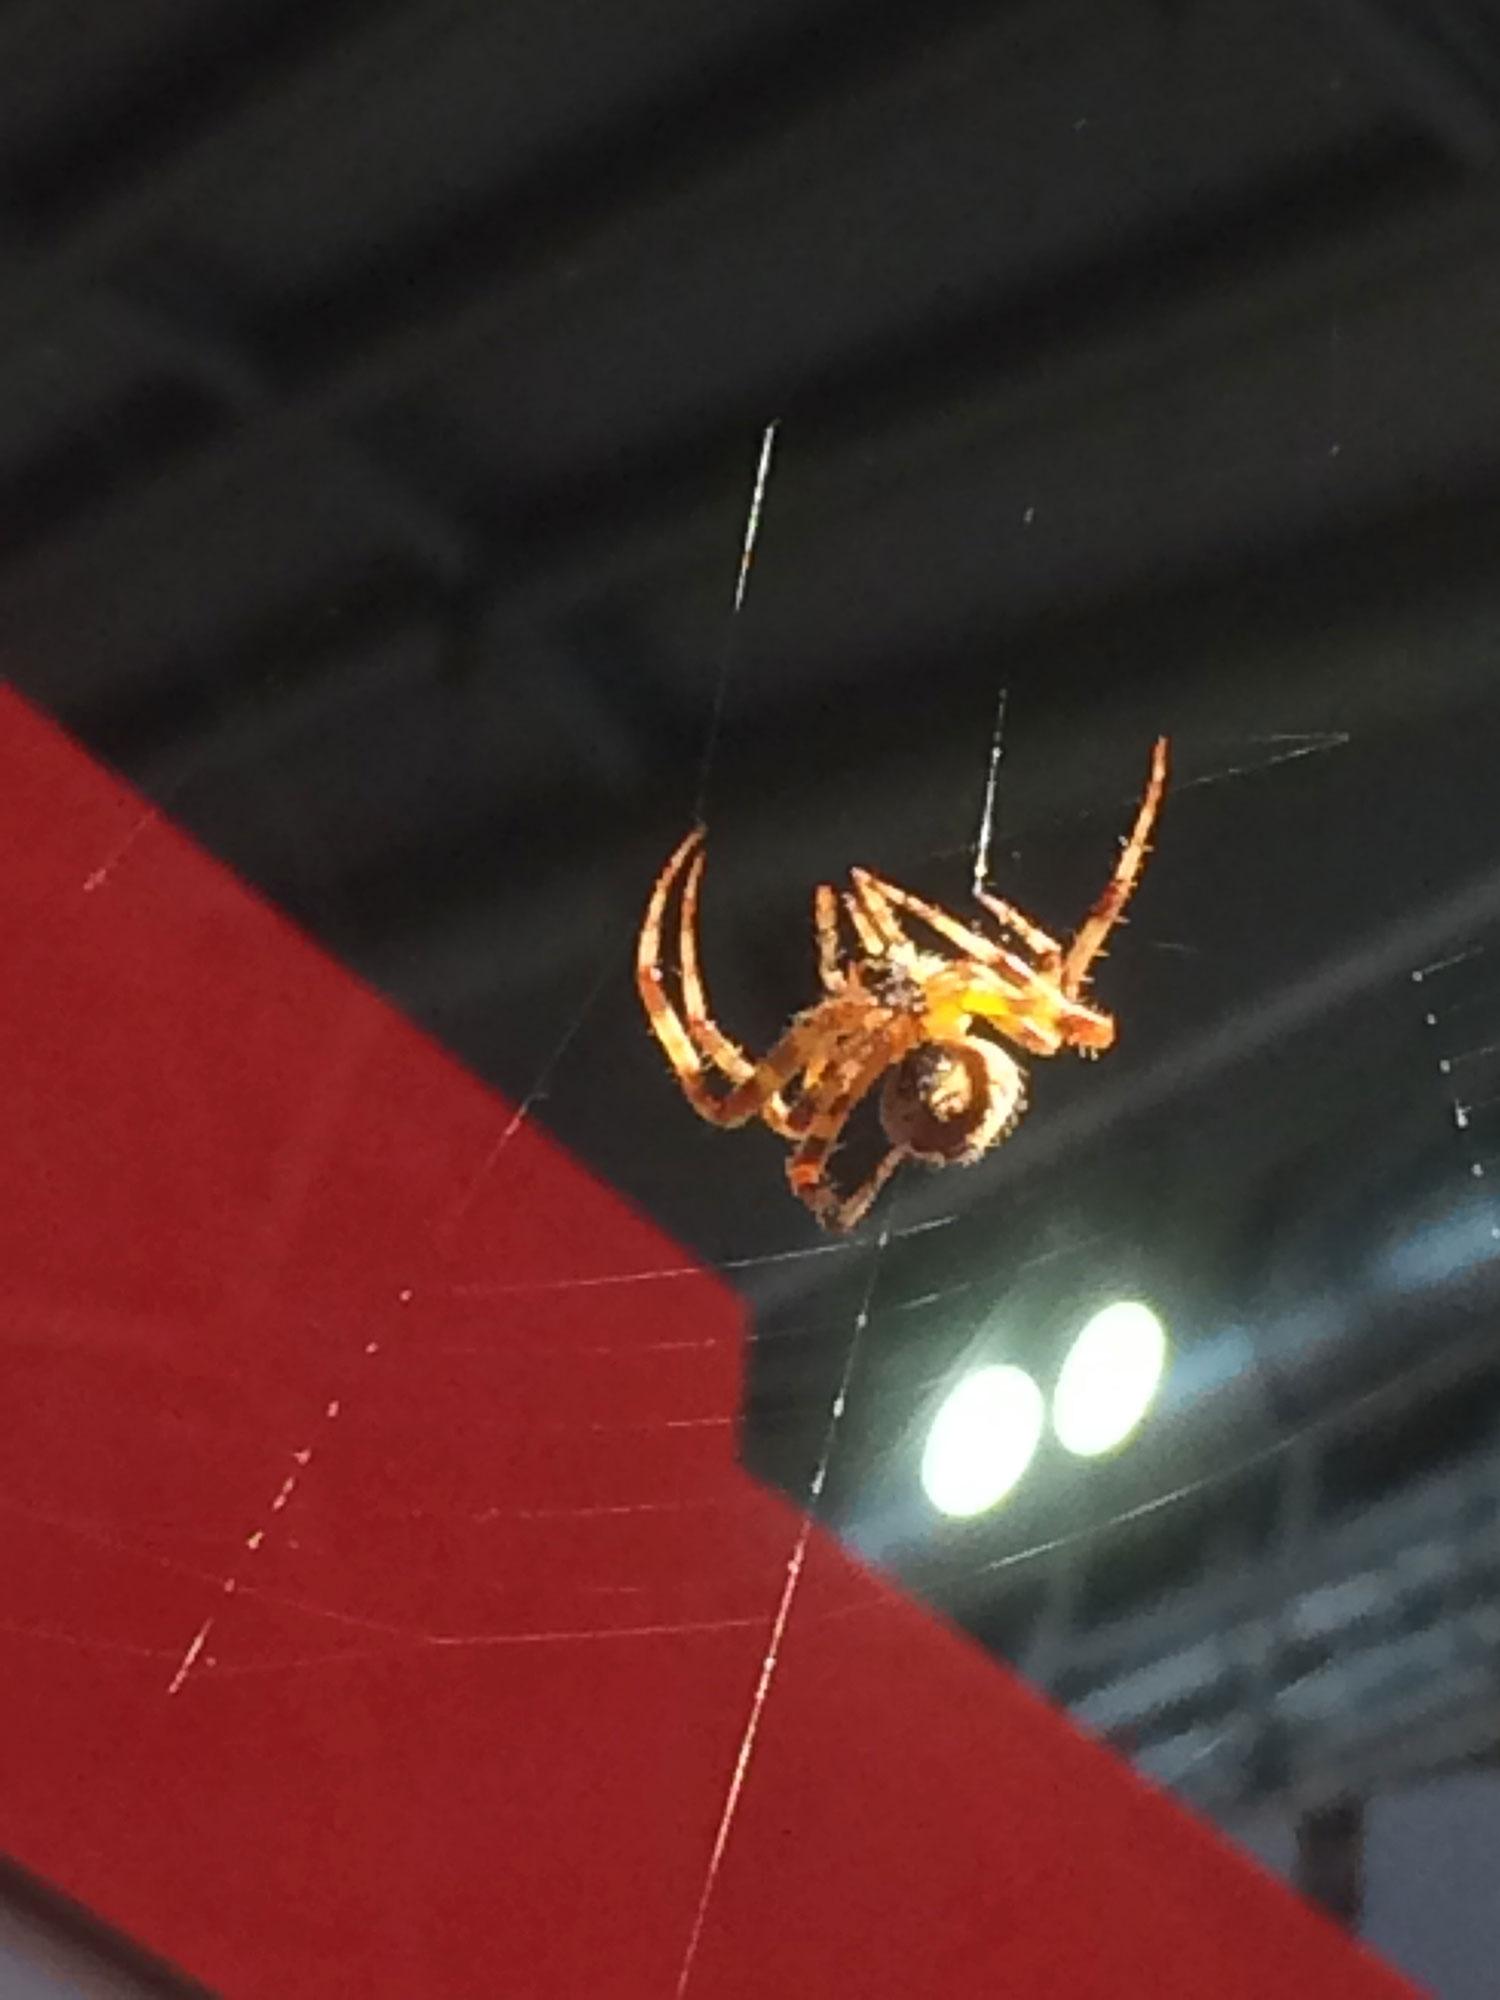 Dieses Foto zeigt ein gold und braun Spinne, die ihr Spinnennetz vor einem Stand auf der Frankfurter Buchmesse 2019 spannte. Ihr Körper war bestimmt halb so groß wie mein Daumen. Ihre Beine waren gold und braun gestreift.